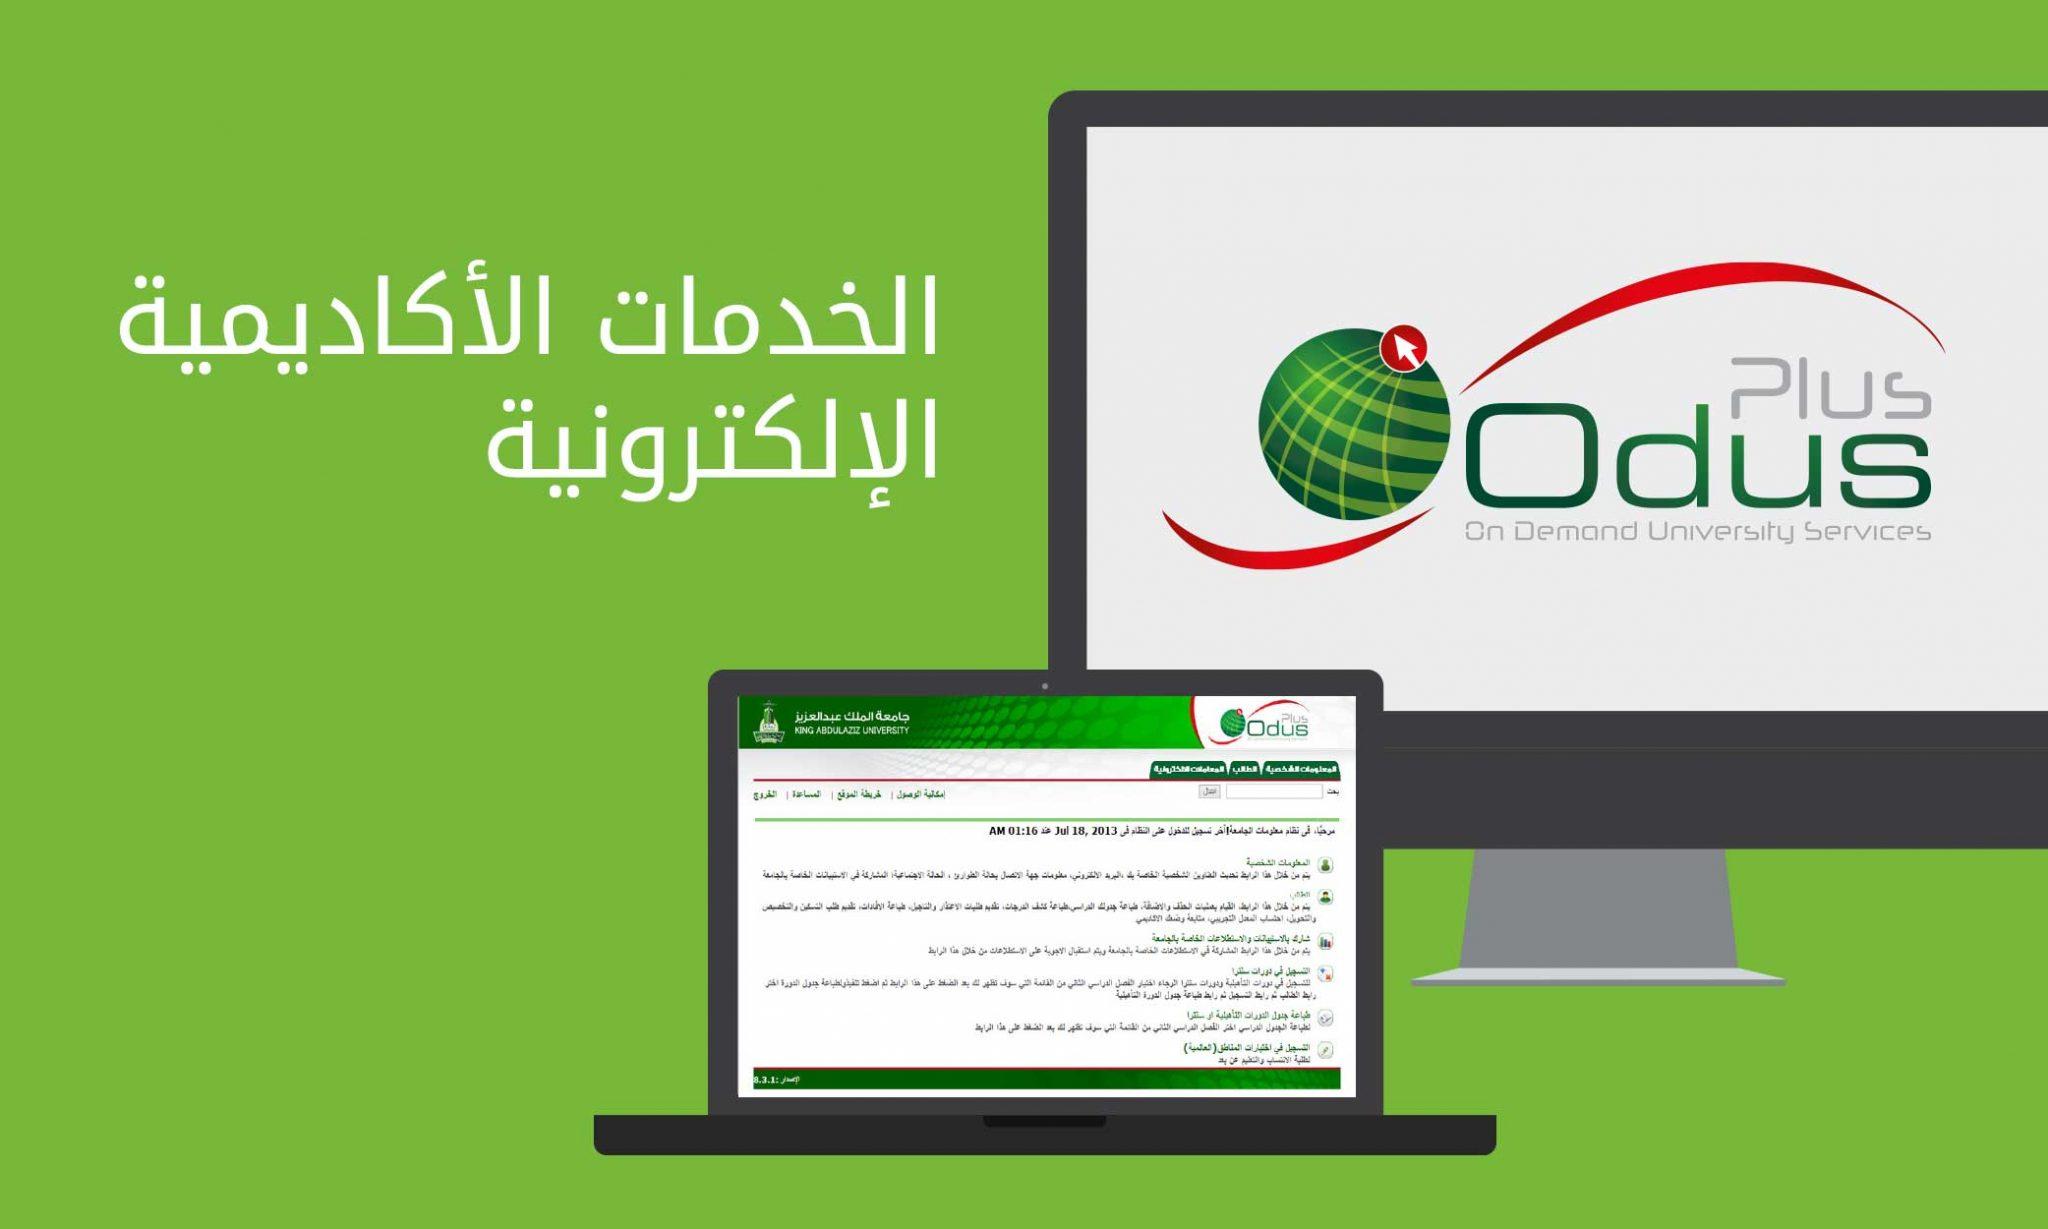 الخدمة الالكترونية اودس بلس odus plus